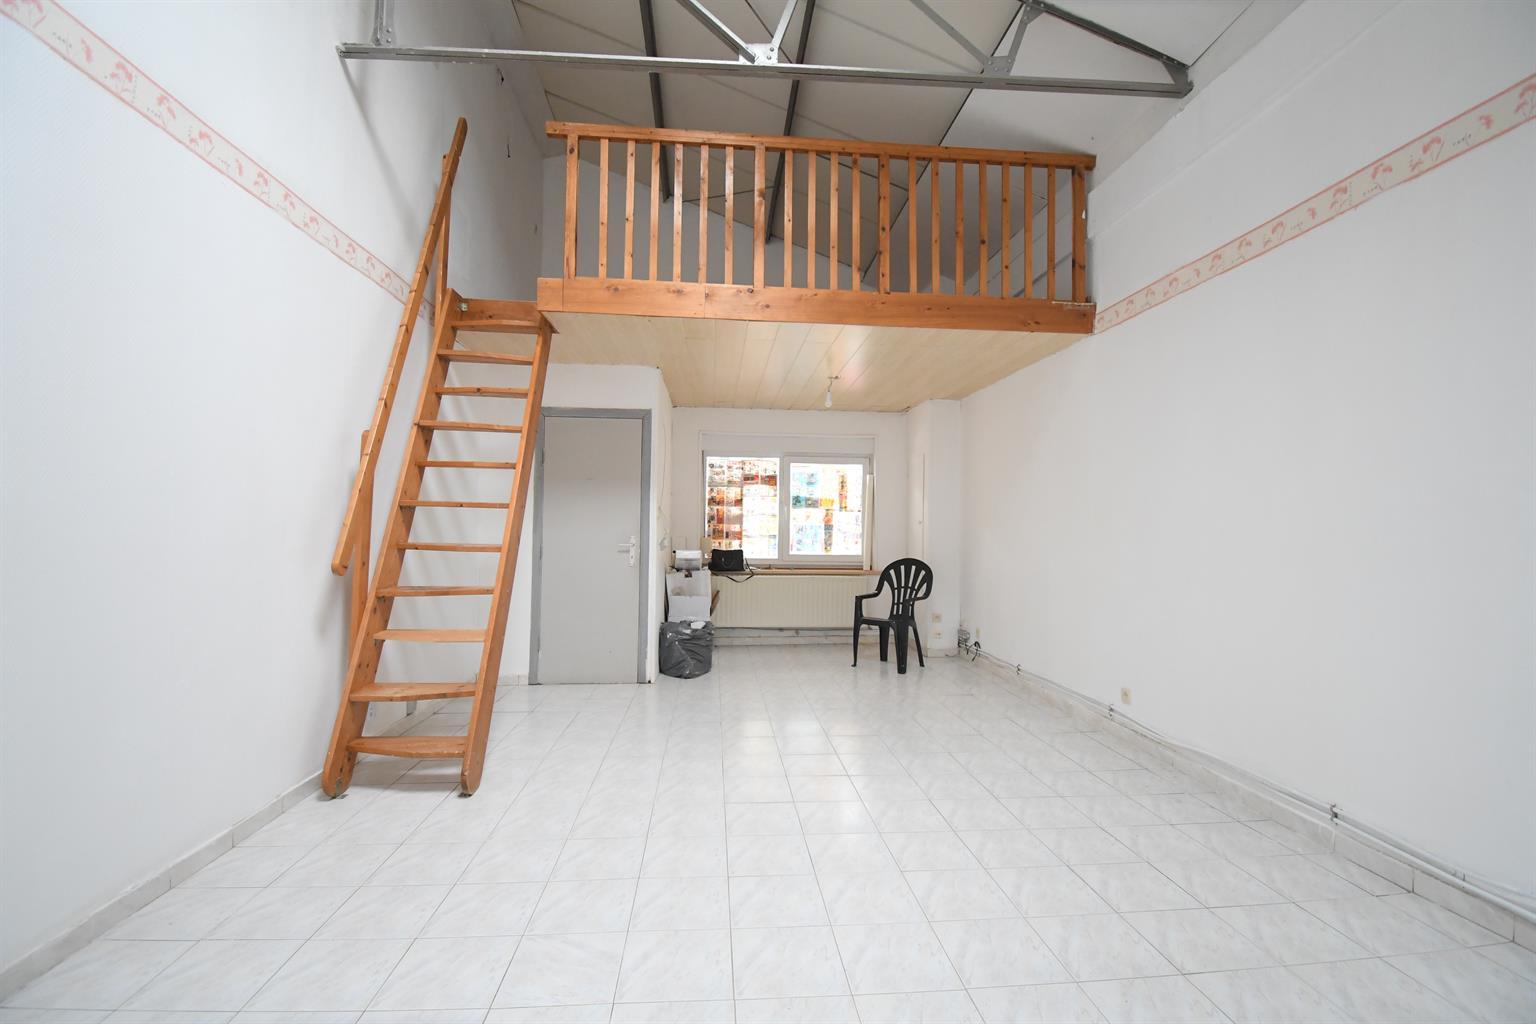 Appartement - Braine-le-Comte - #4407219-1